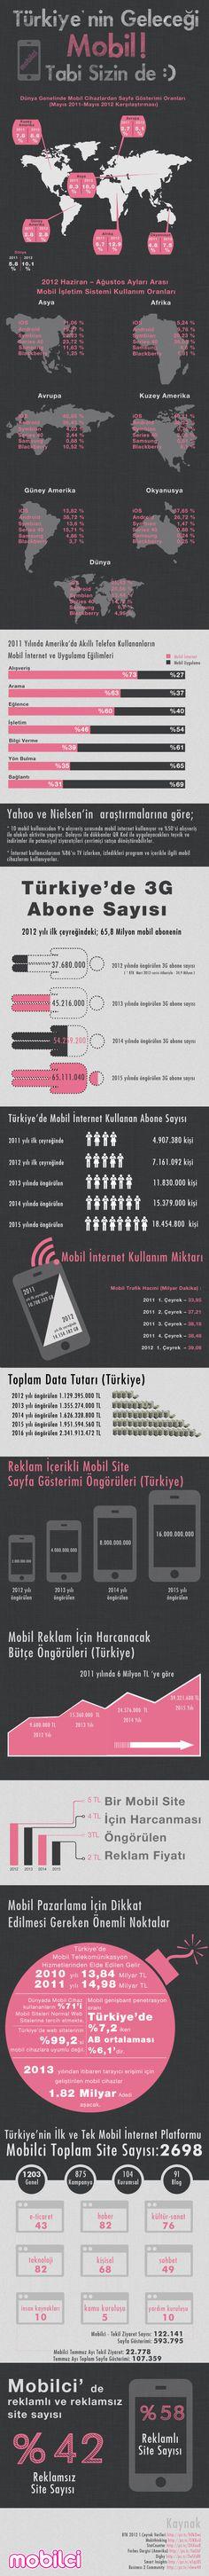 Türkiye'nin Geleceği #Mobil #infografik